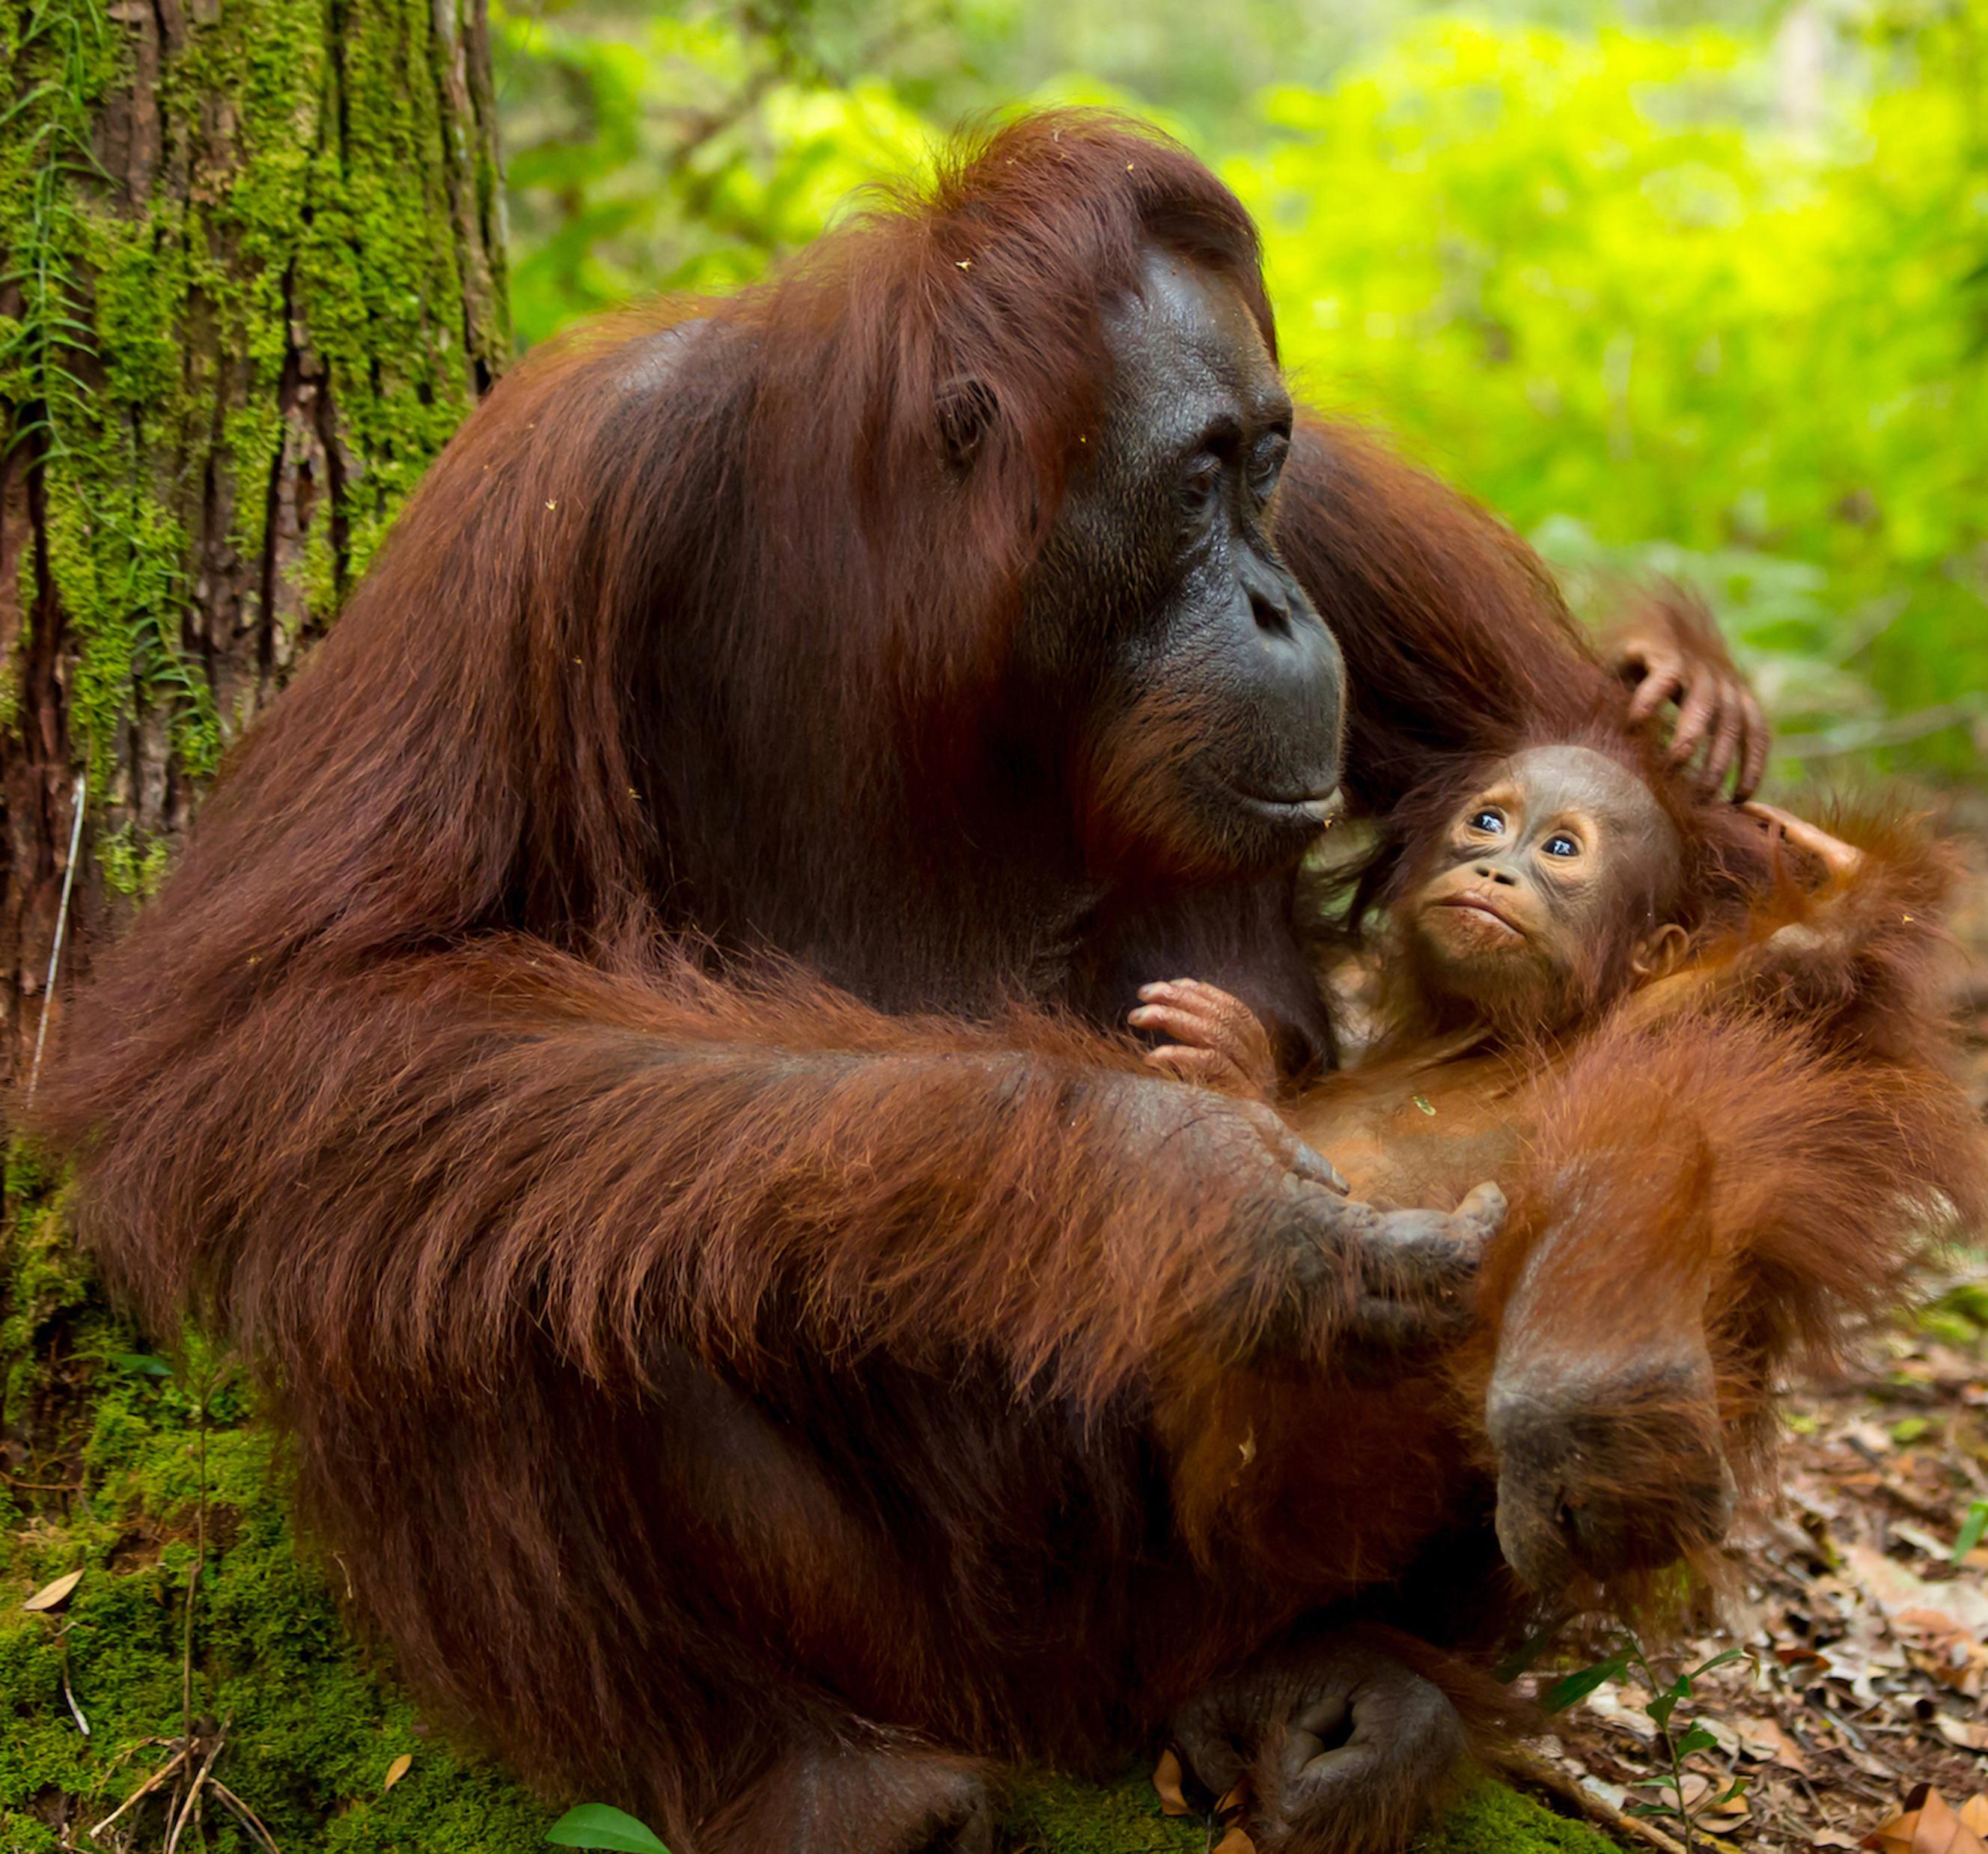 Cliquez sur les orangs-outans pour les sauver